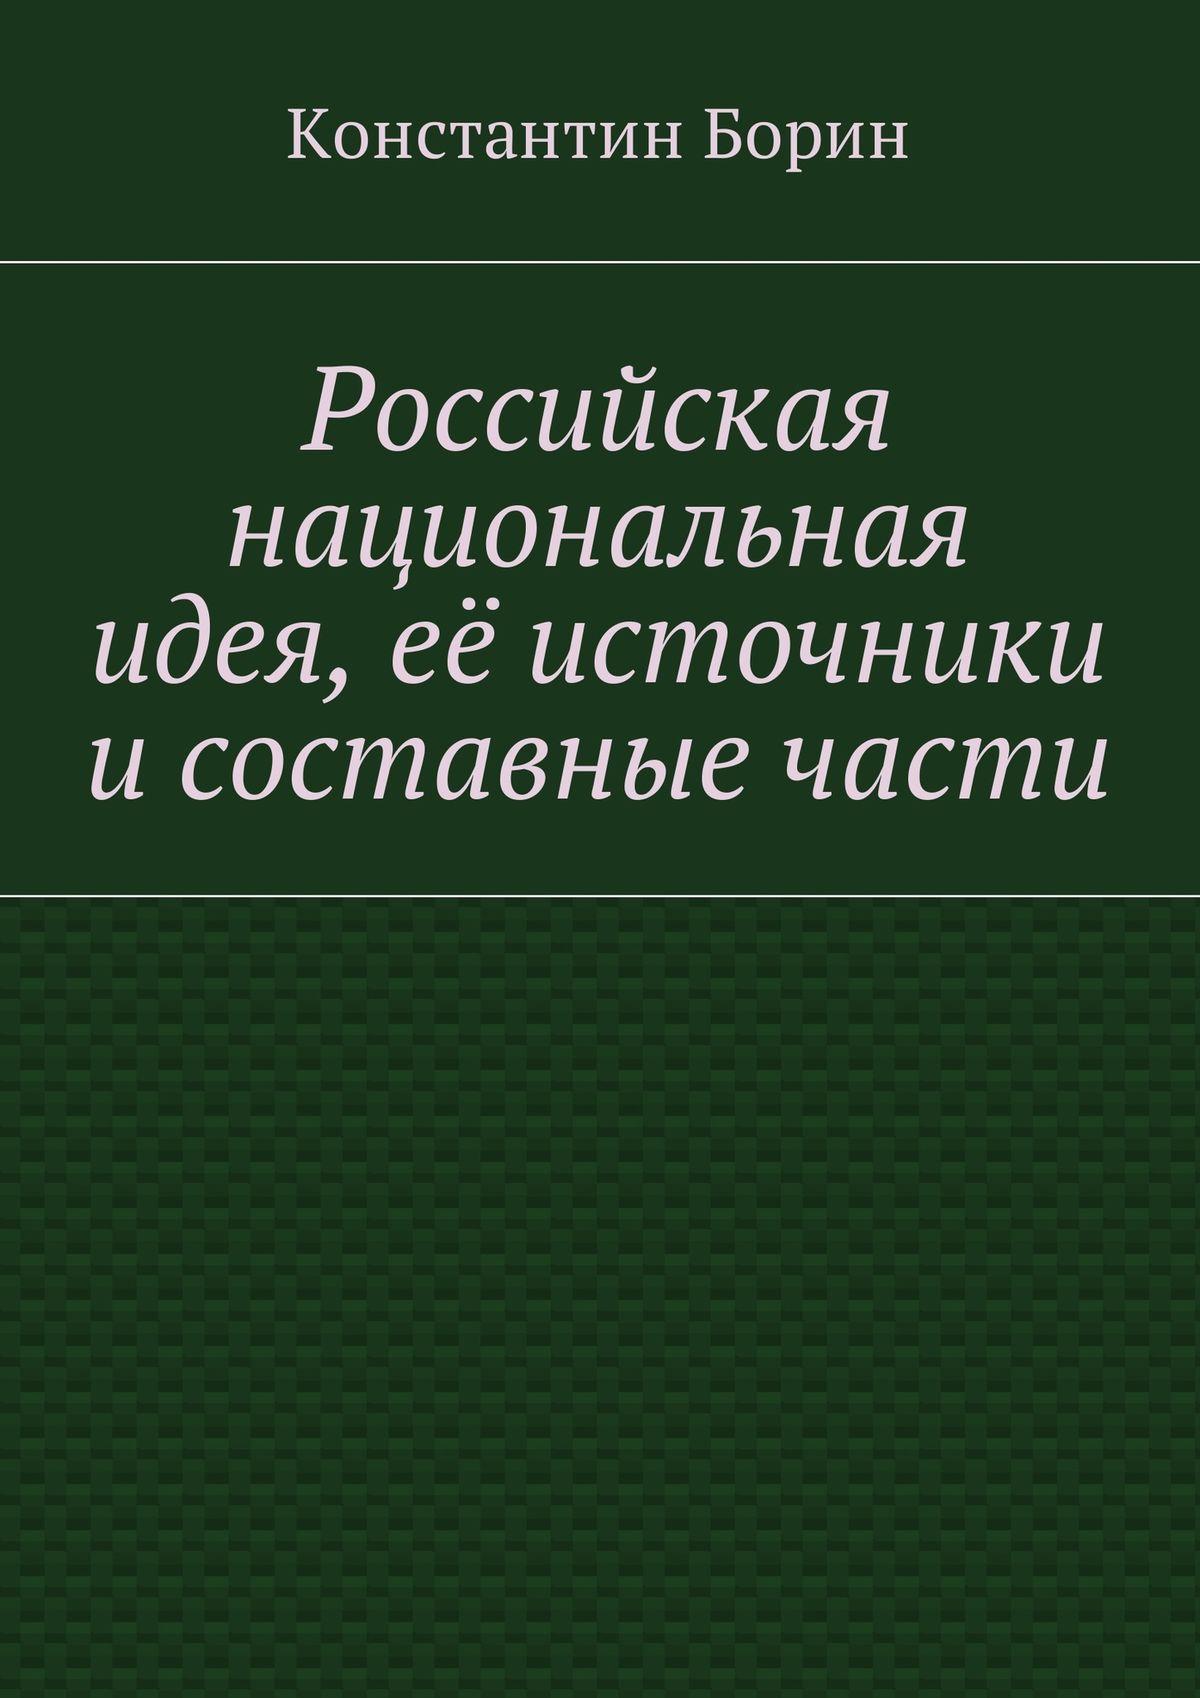 Российская национальная идея, её источники исоставные части